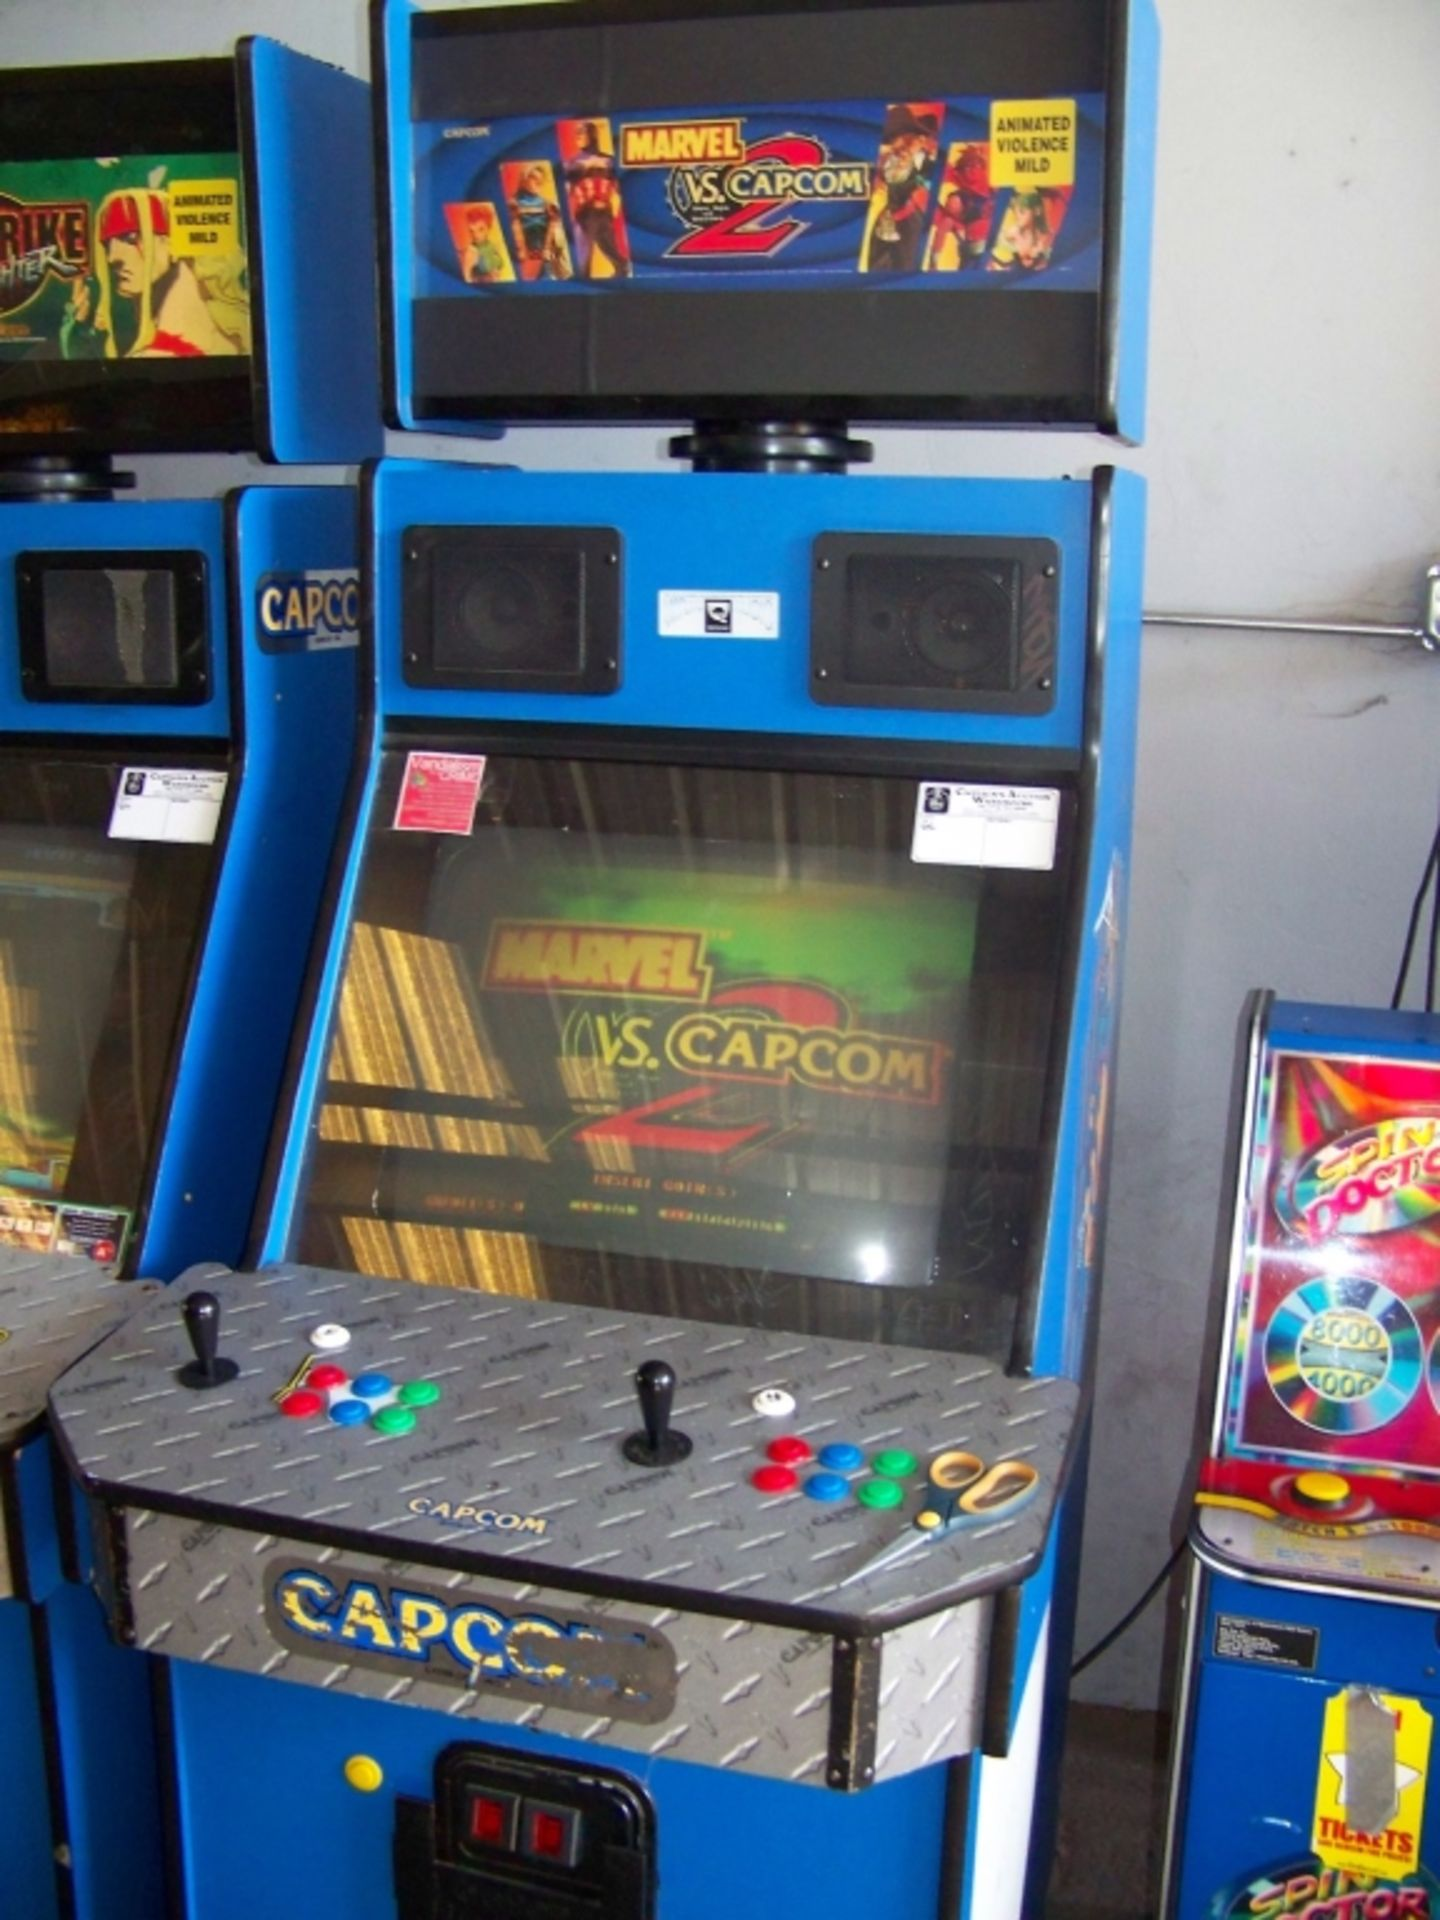 MARVEL VS. CAPCOM 2 ARCADE GAME Q SOUND CAB - Image 2 of 3